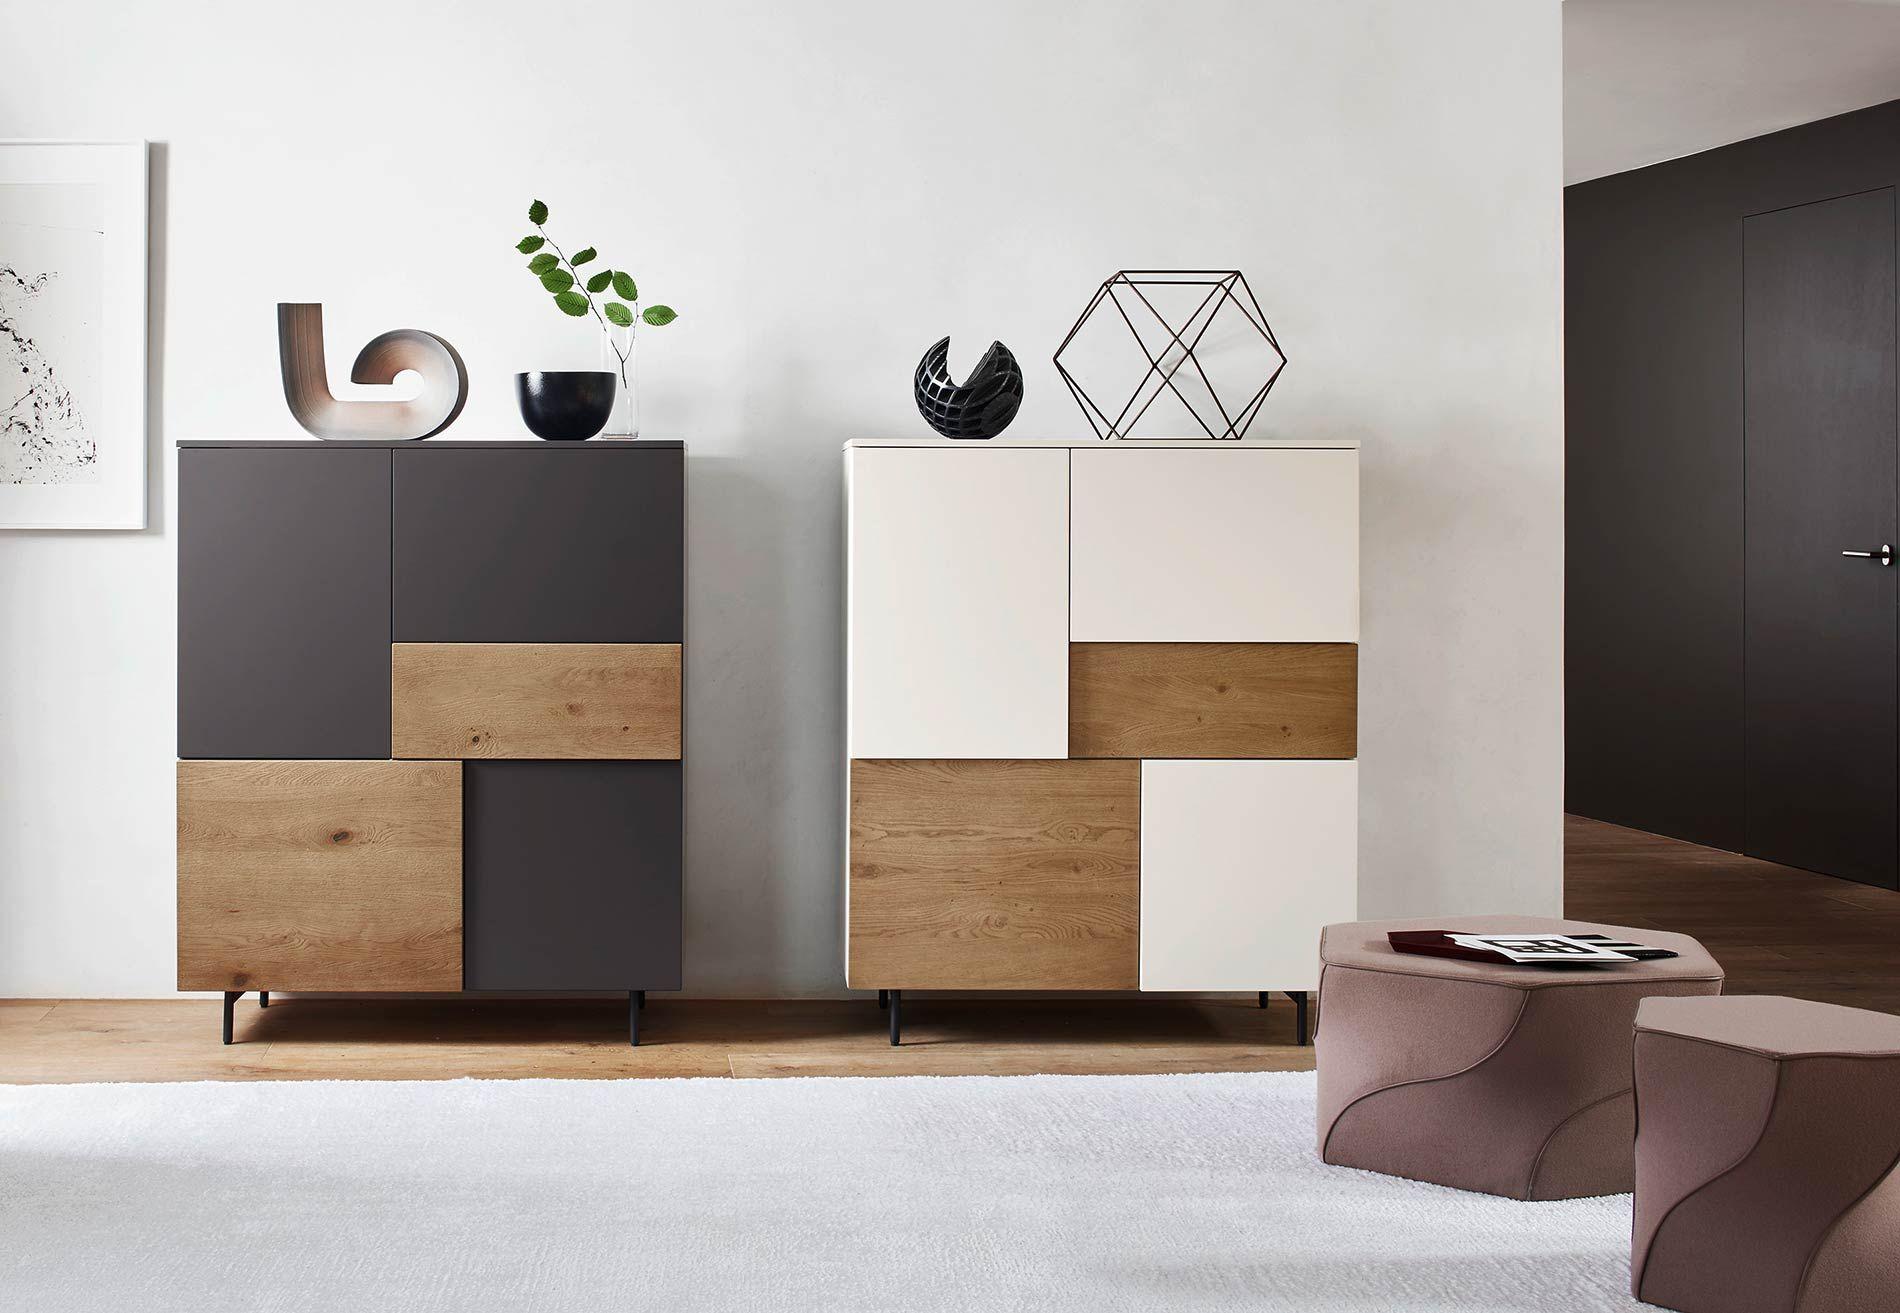 Hoher Design Schrank für Flur  Highboard, Wohnzimmer design